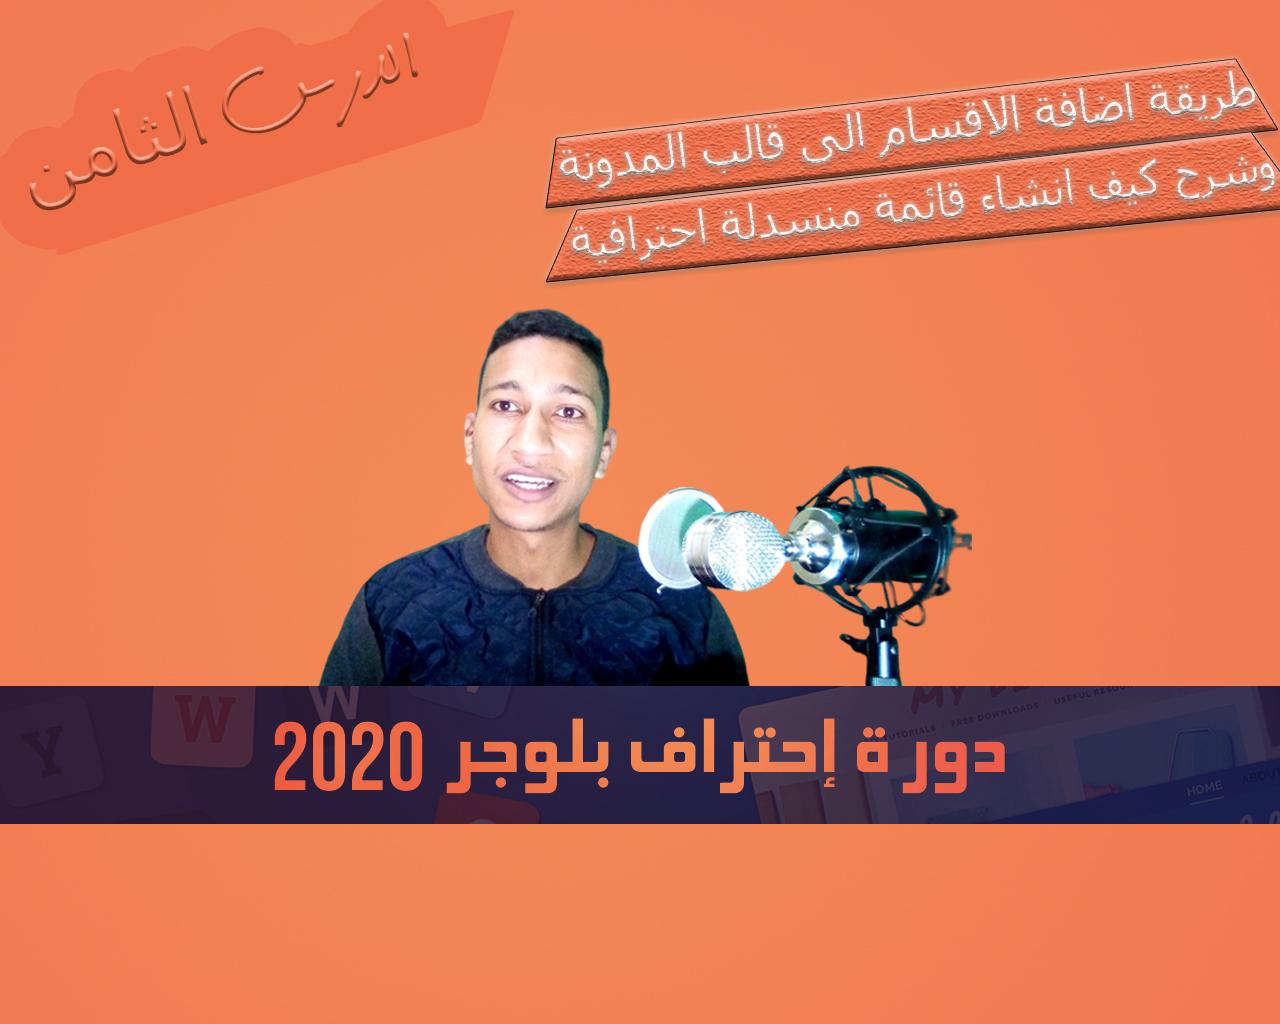 طريقة اضافة الاقسام الى قالب المدونة   وشرح كيف انشاء قائمة منسدلة احترافية فى مدونة بلوجر 2020